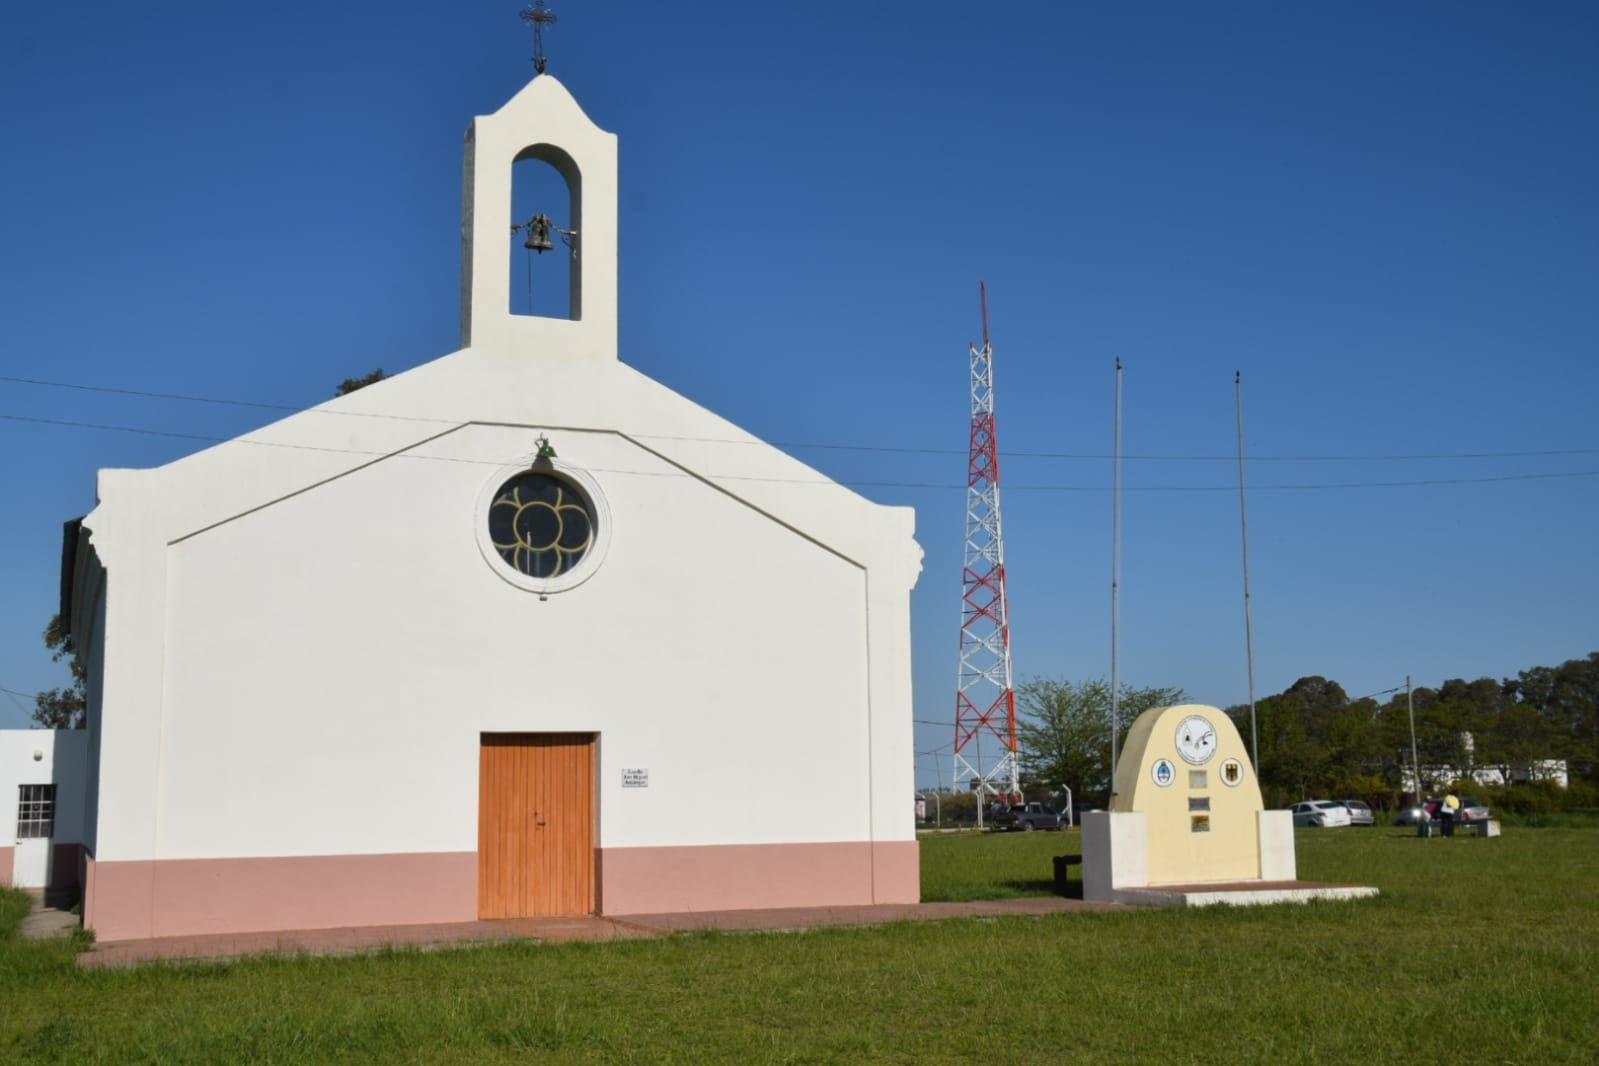 La inmensa antena de telefonía que estropea el paisaje de la capilla de San Miguel Arcángel en Colonia Nievas